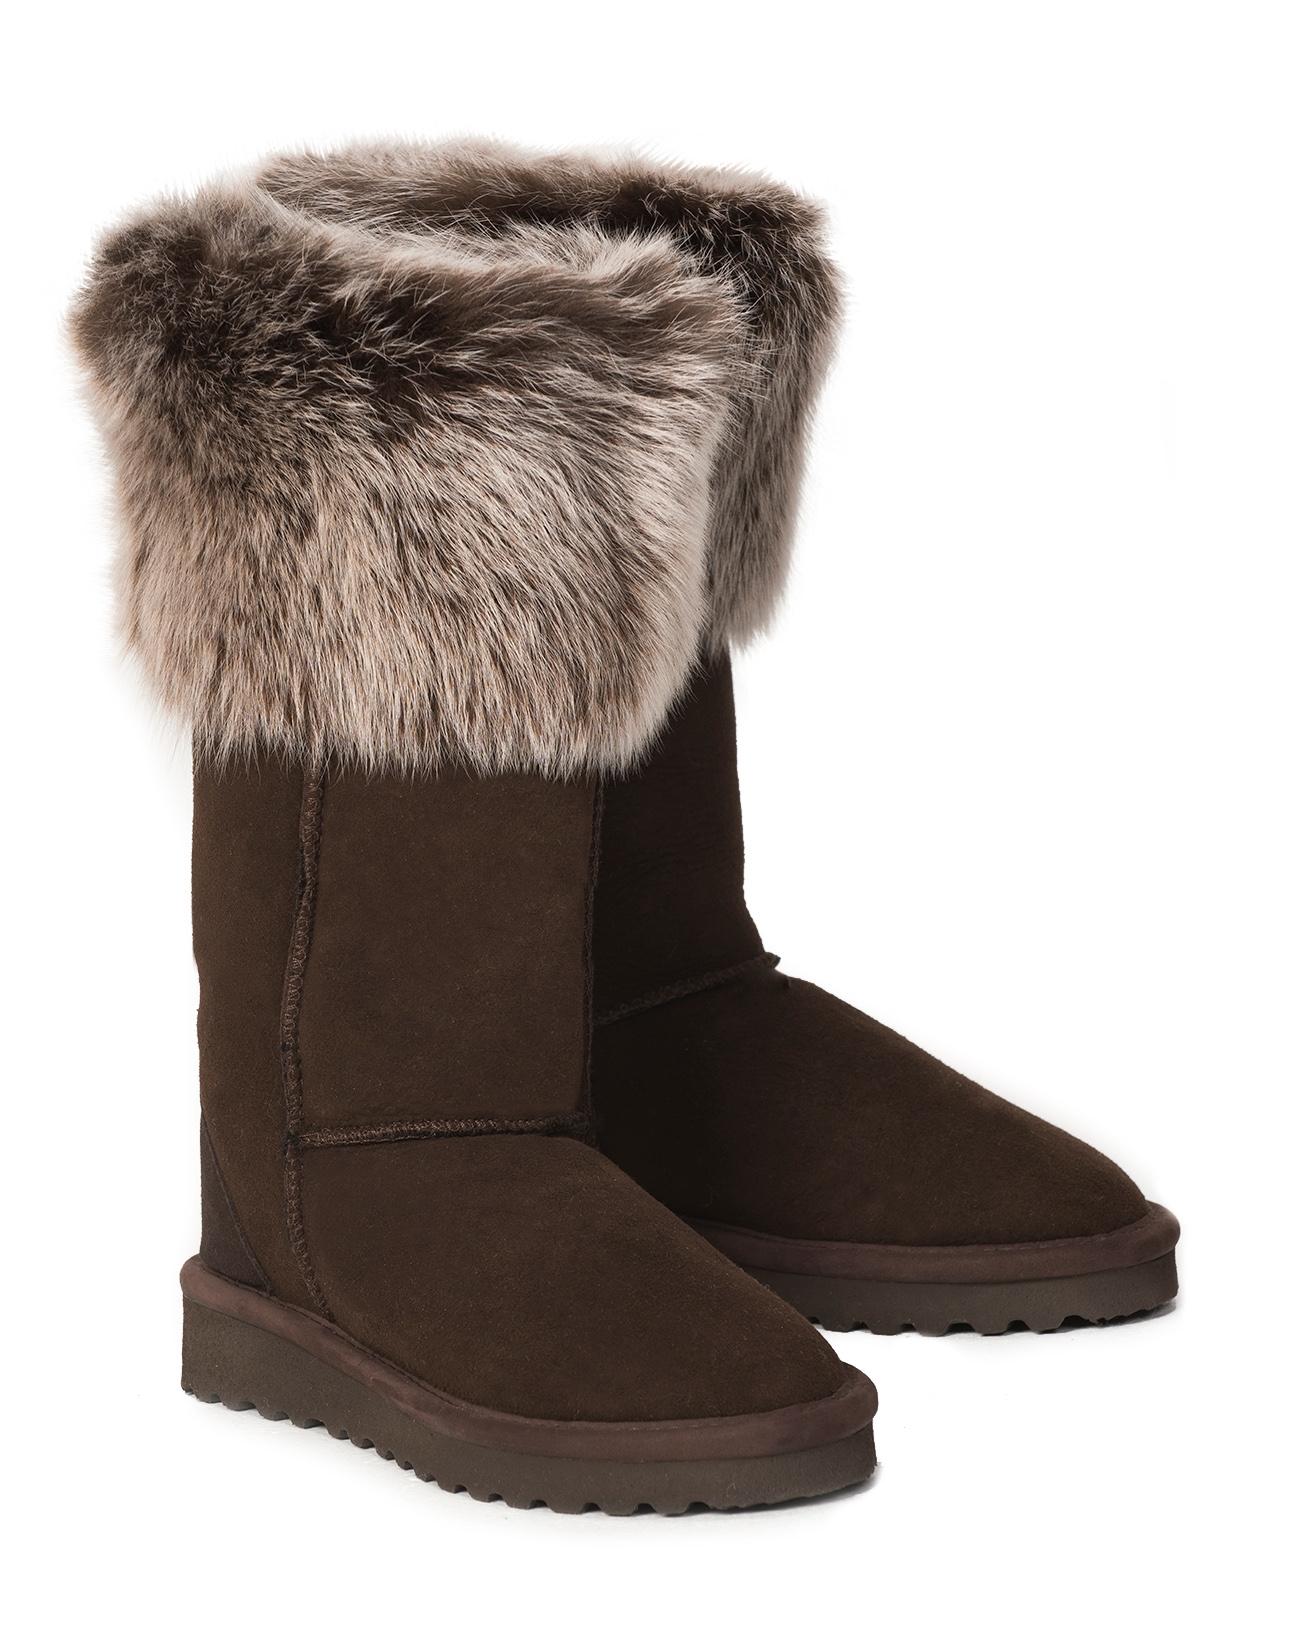 Toscana Calf Boot - Size 7 - Mocca Snow Tip - 2318